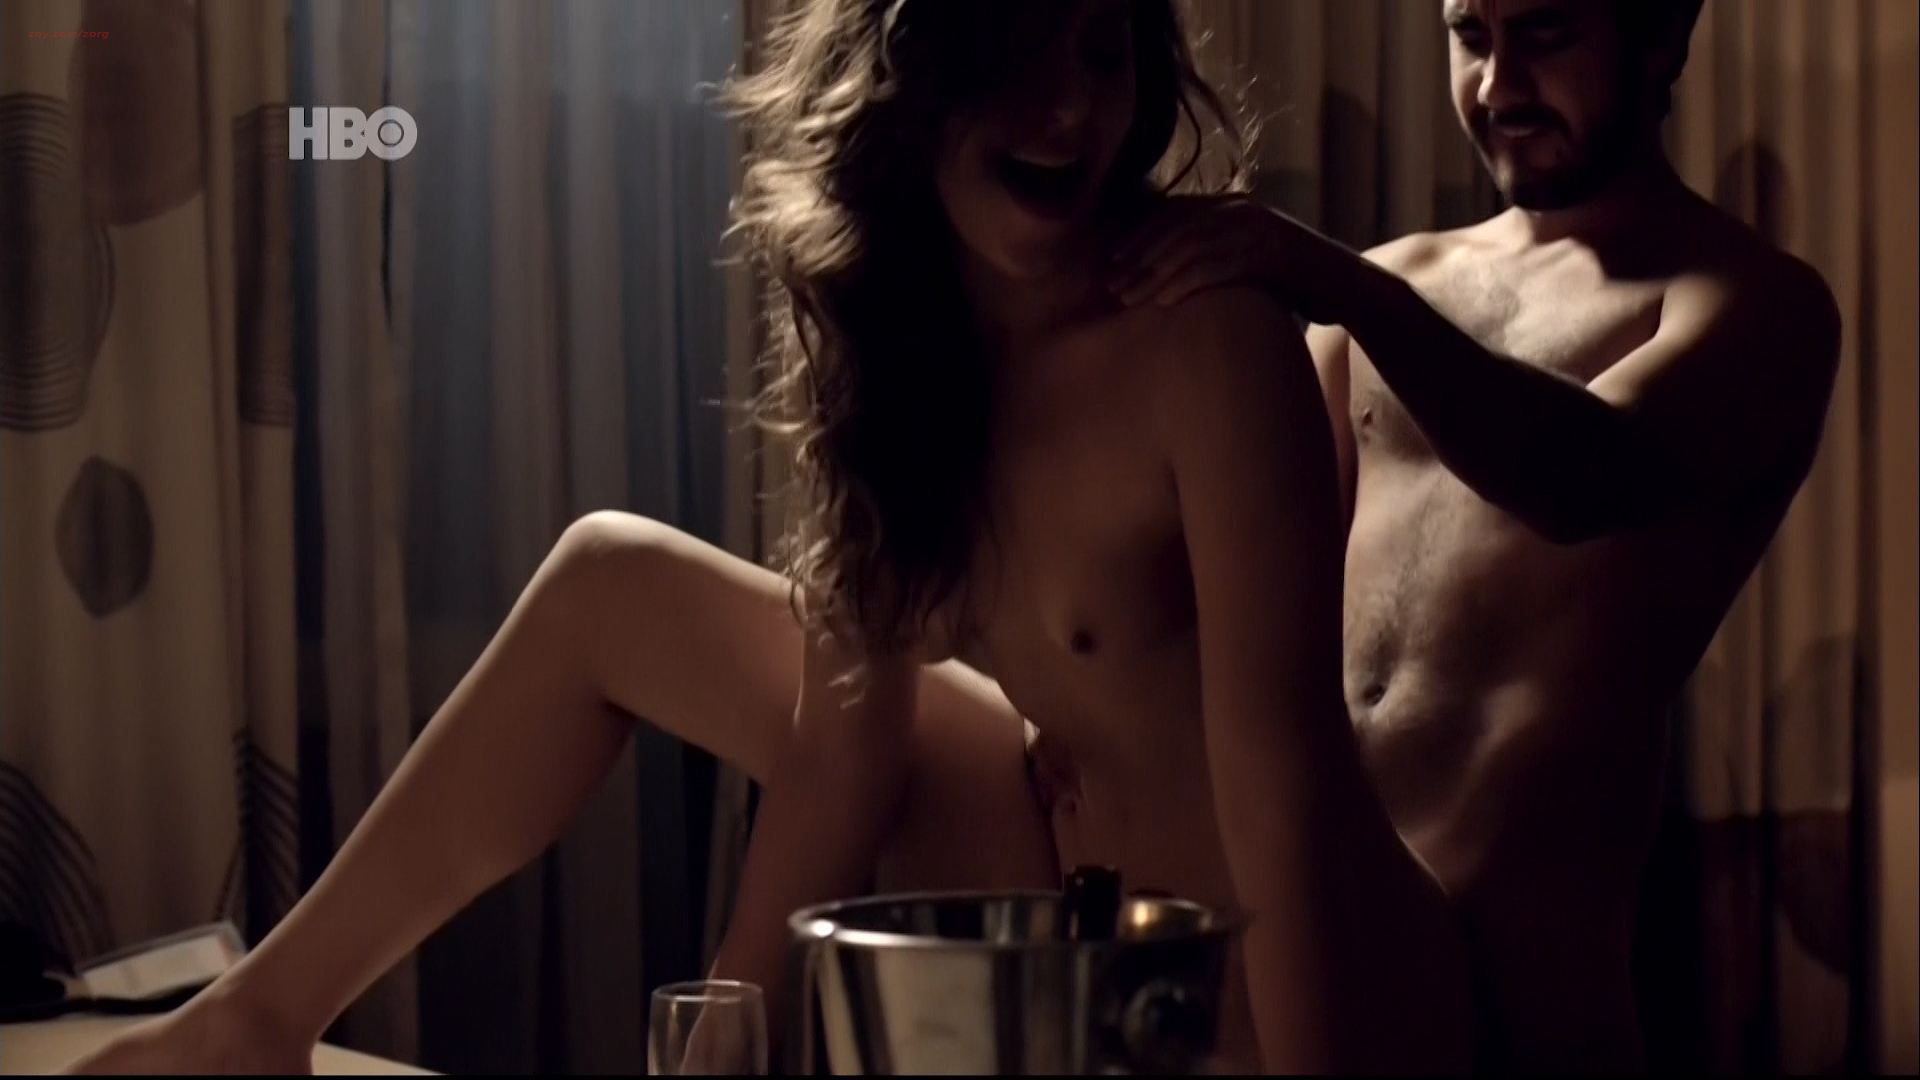 Juliana Schalch nude topless, Carla Zanini, Michelle Batista and Gabriella Vergani nude sex too - O Negócio (BR-2016) s3e7-8 HDTV 1080p (3)